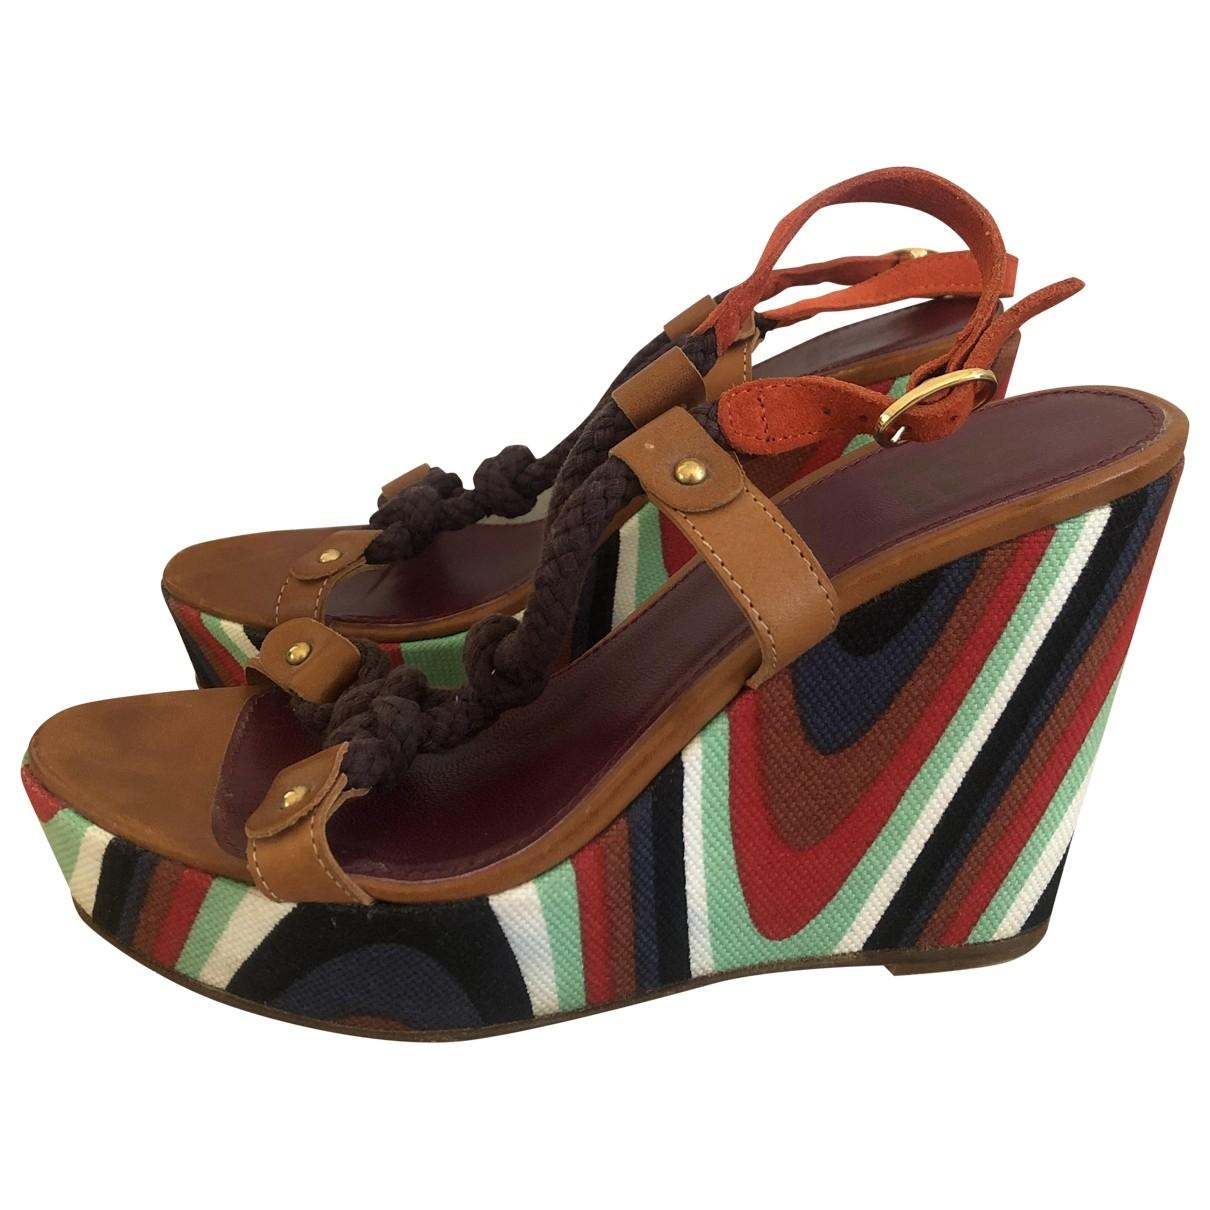 M Missoni - Sandales   pour femme en toile - multicolore